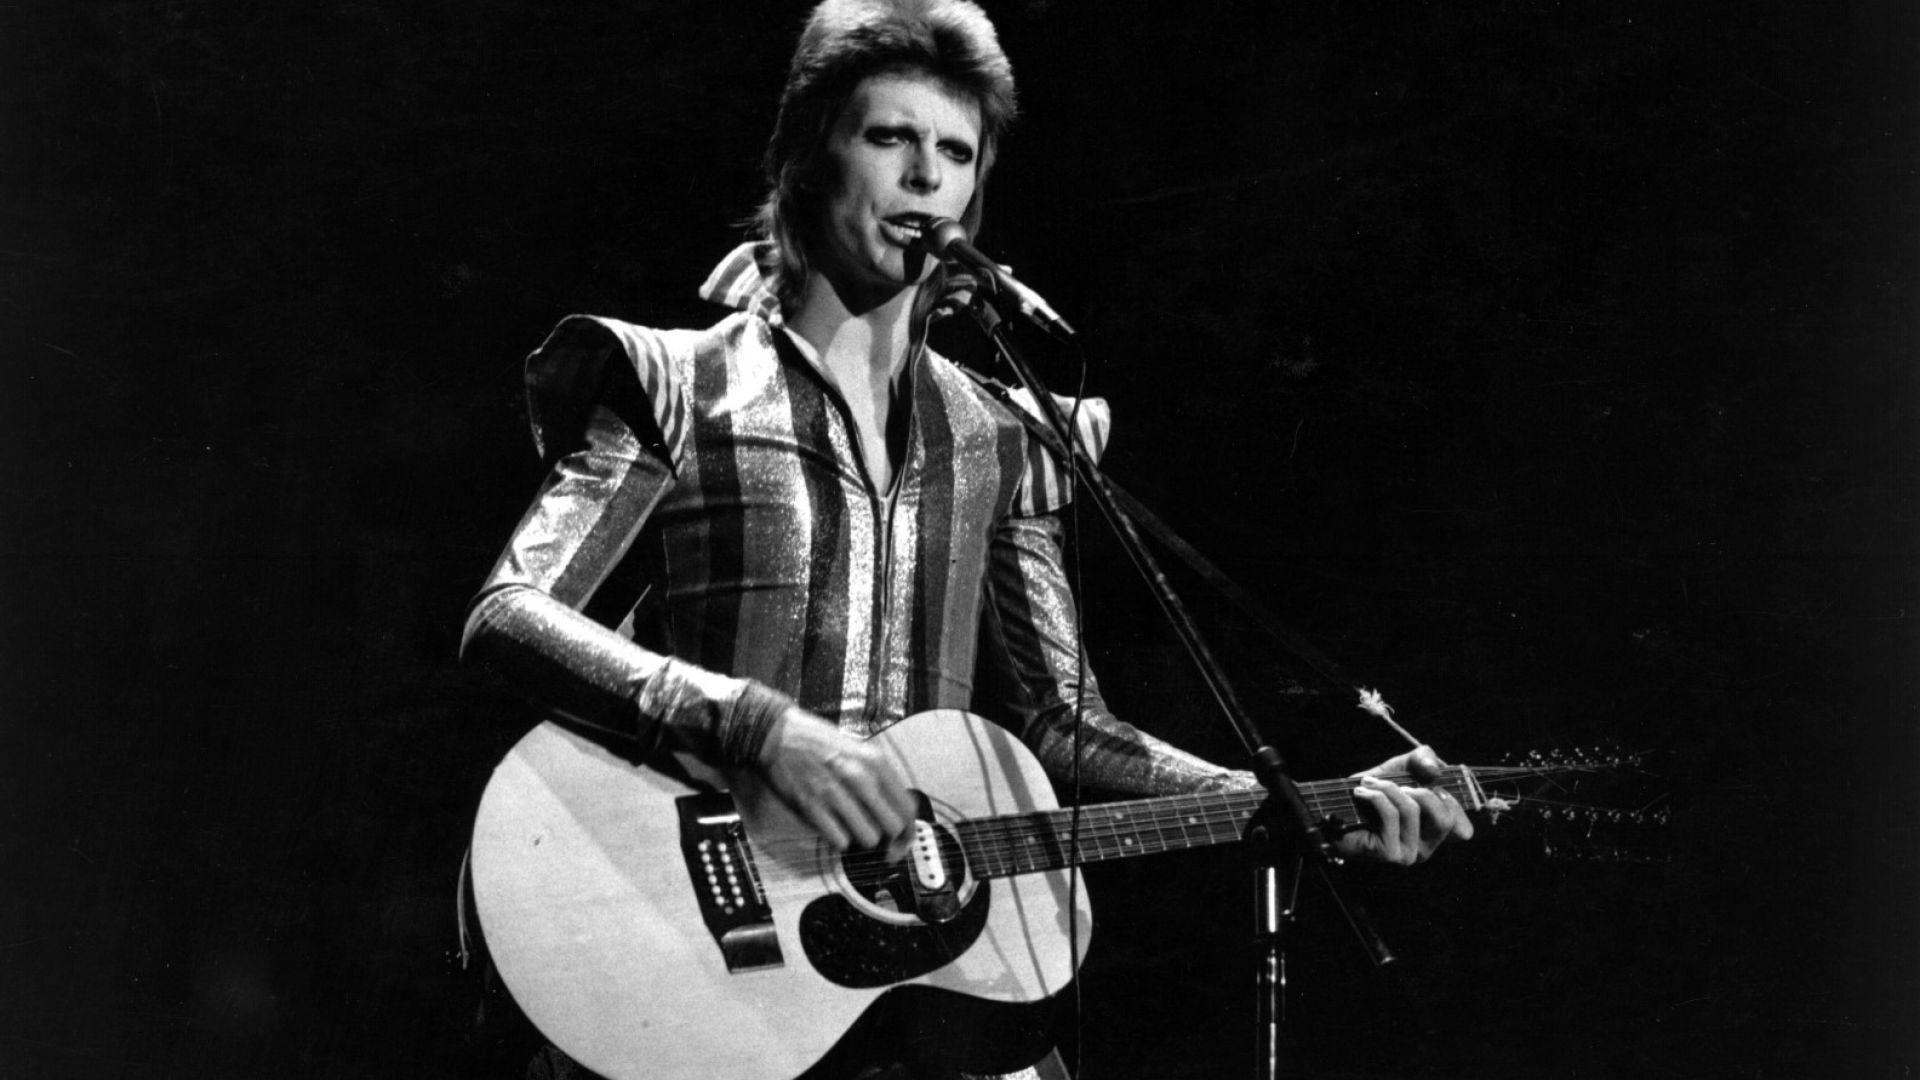 Продадоха първия демо запис на Дейвид Боуи за близо 40 000 британски лири